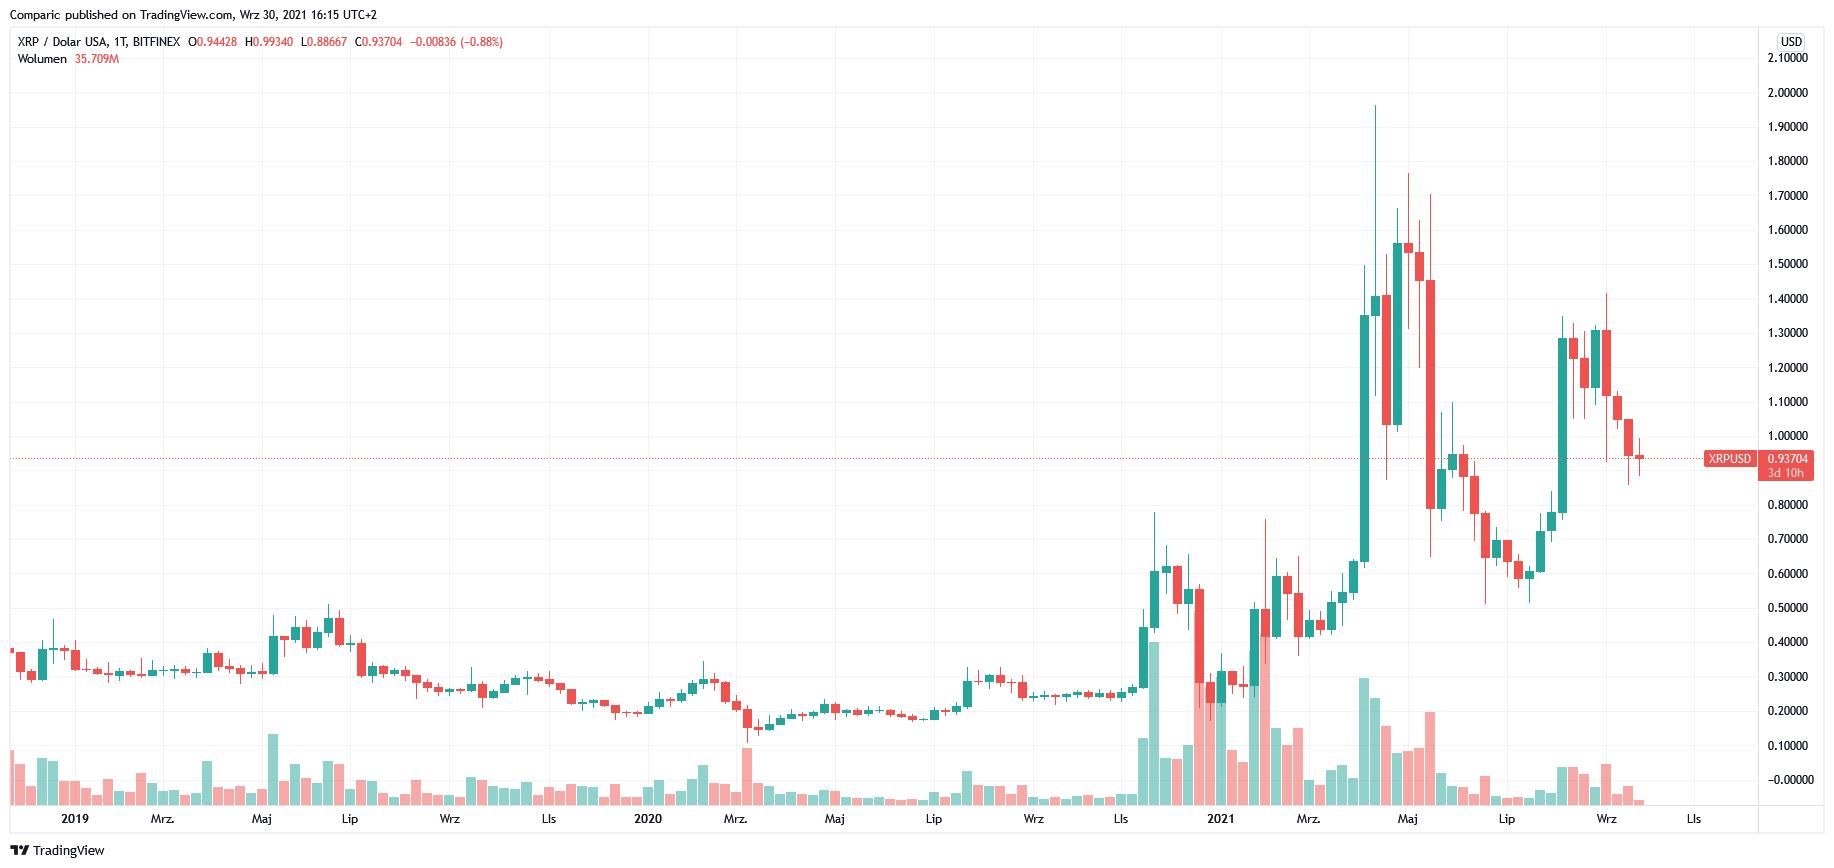 Bitcoin to nie wszystko! Poznaj Ripple (XRP) z Capital.com i inwestuj.